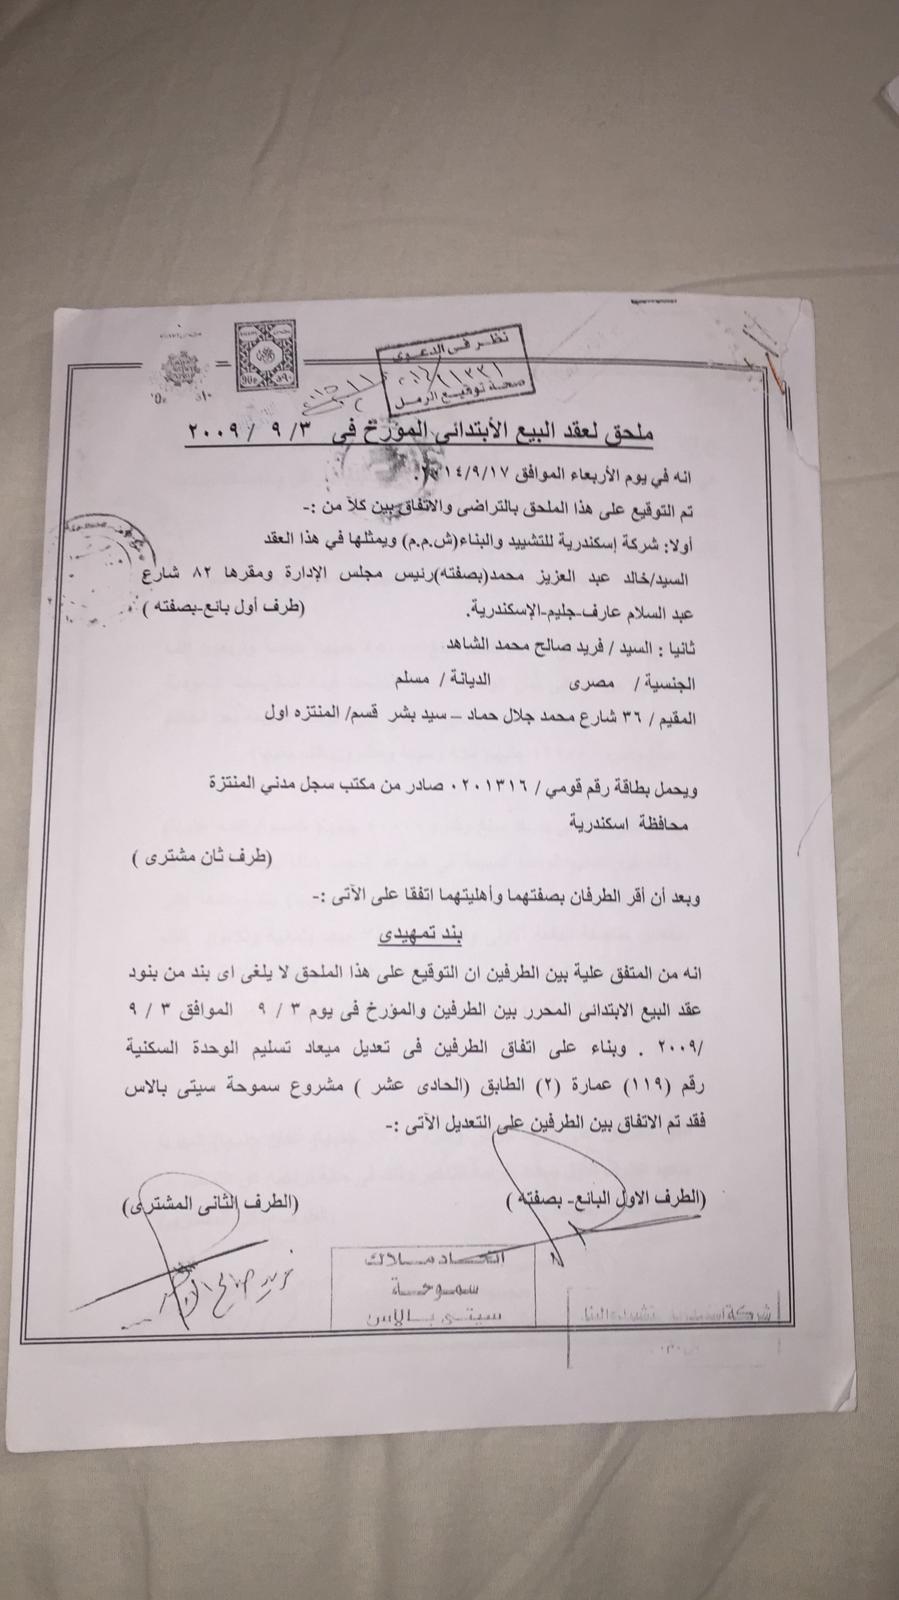 أزمة مشروع سيتي بالاس بالإسكندرية (70)